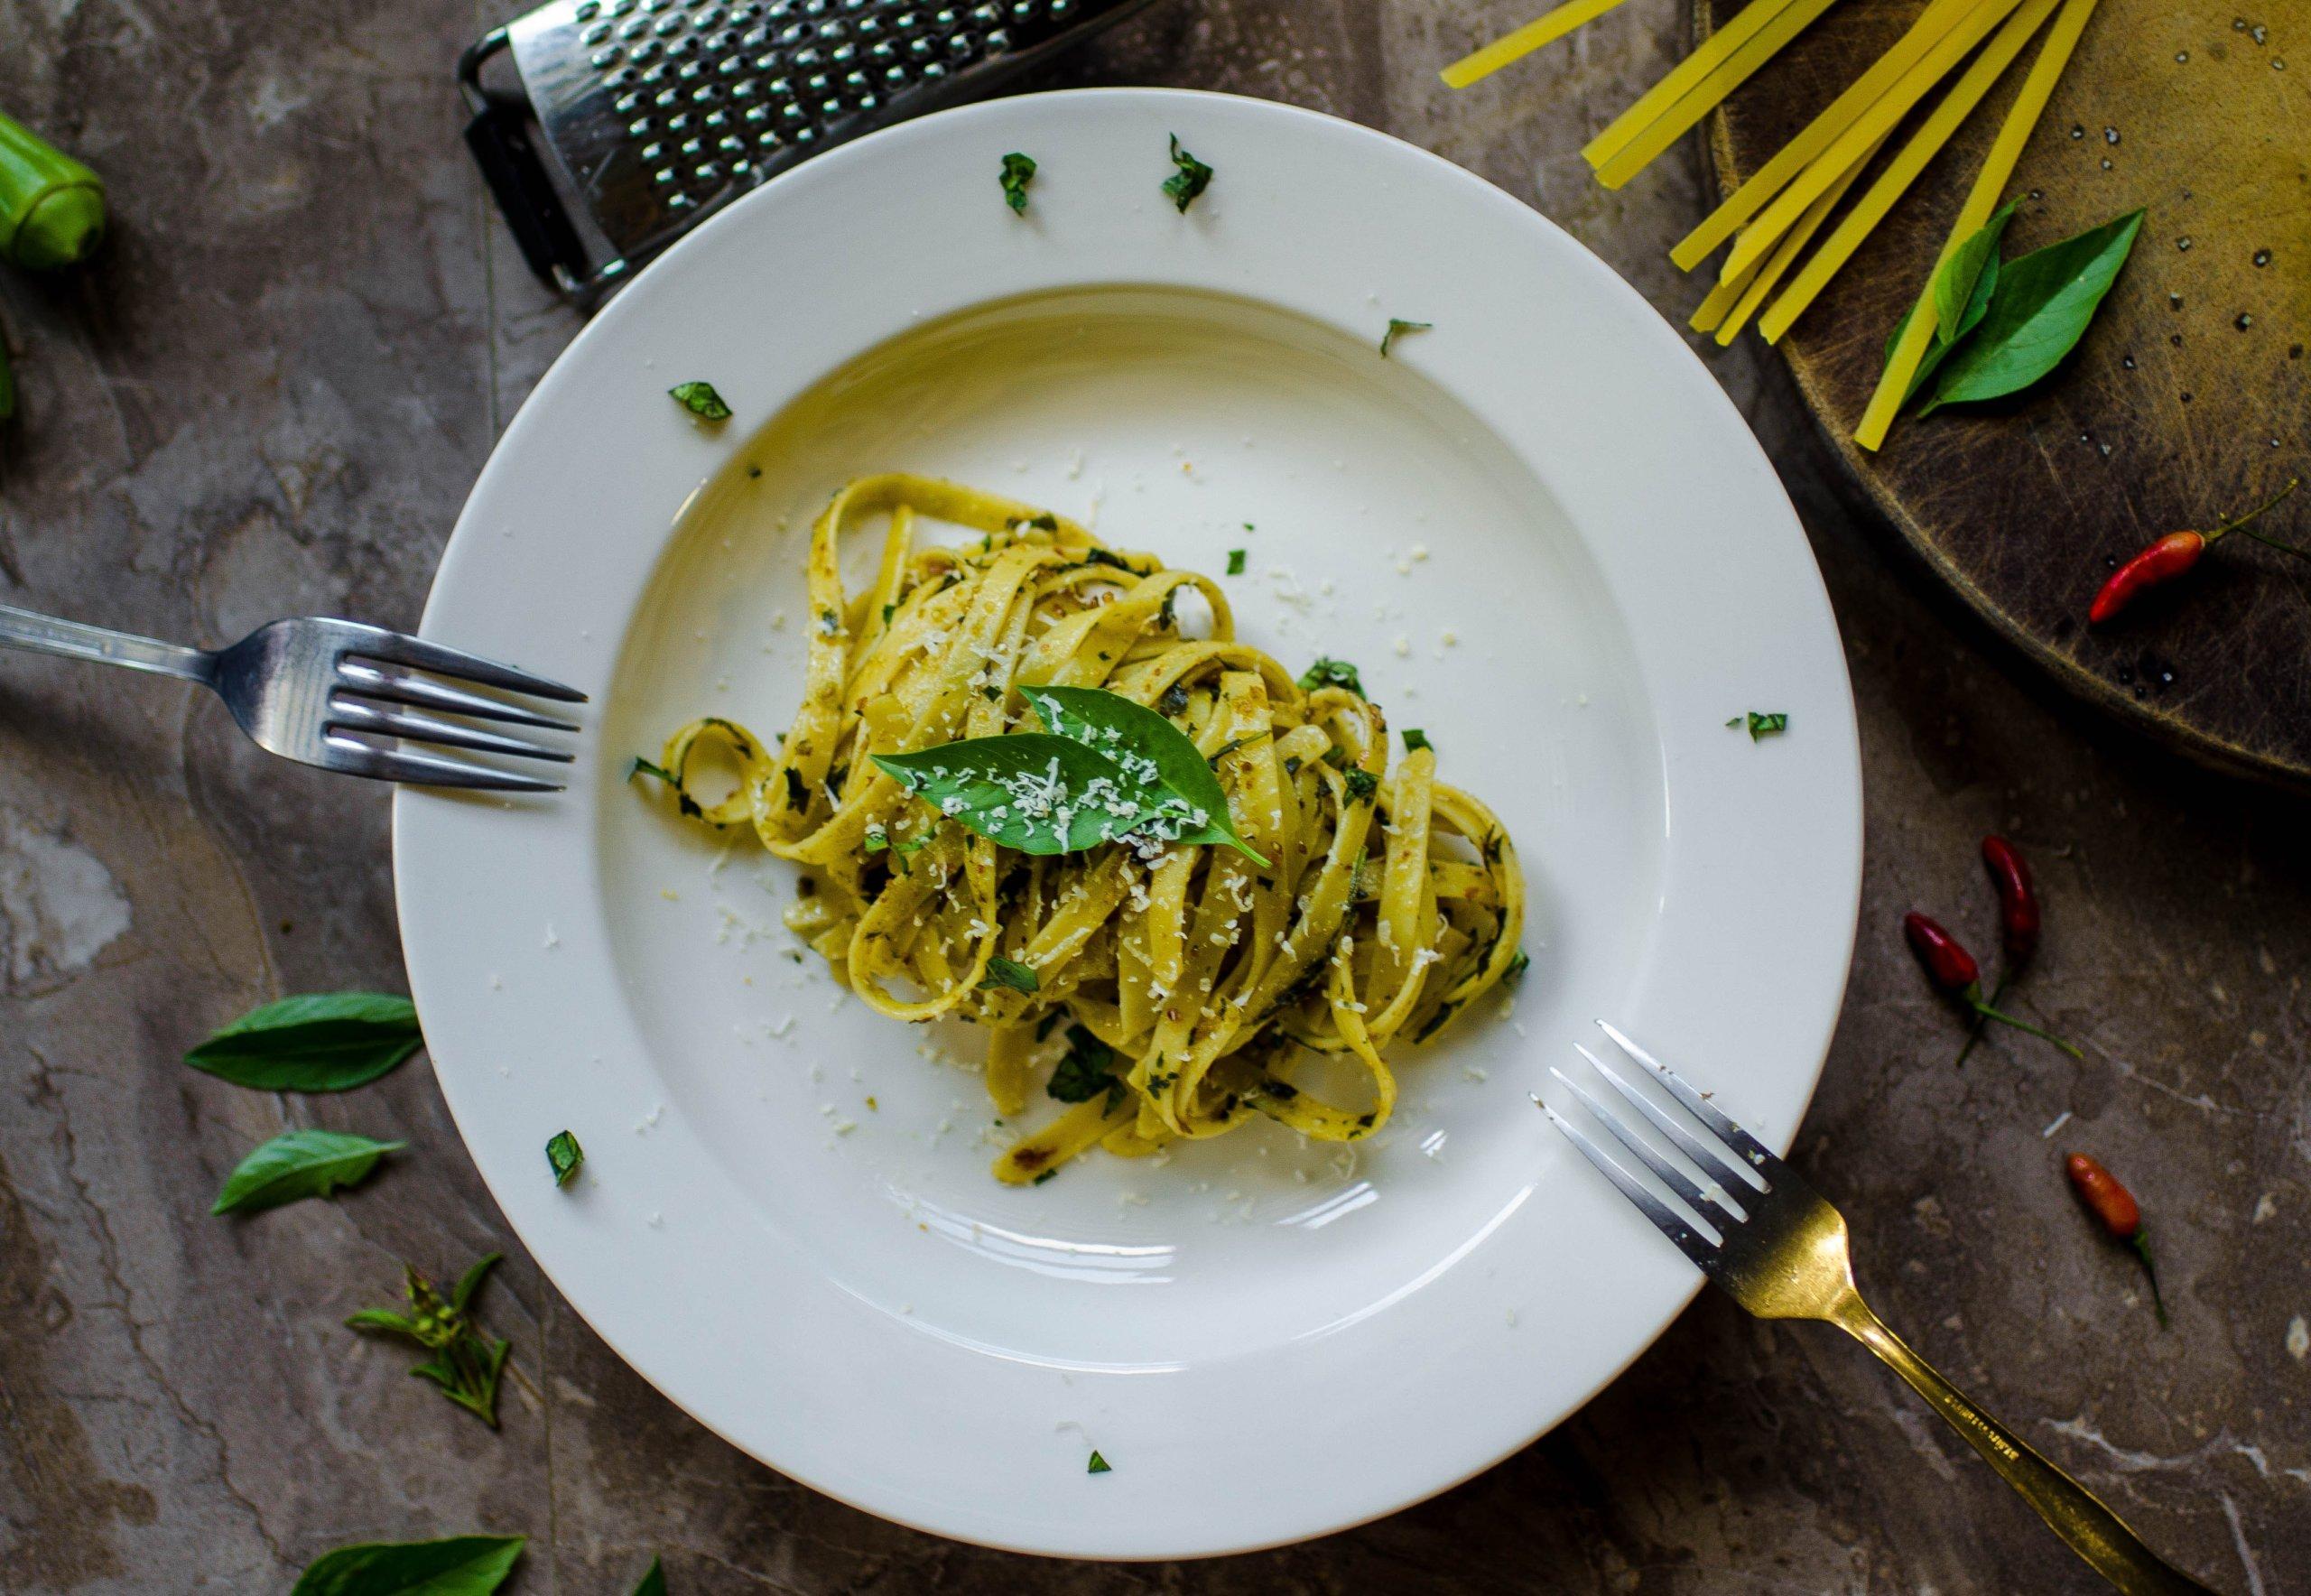 Da umjesto špageta ne dobijete kašu: Pojavile se playliste koje traju koliko i kuhanje tjestenine